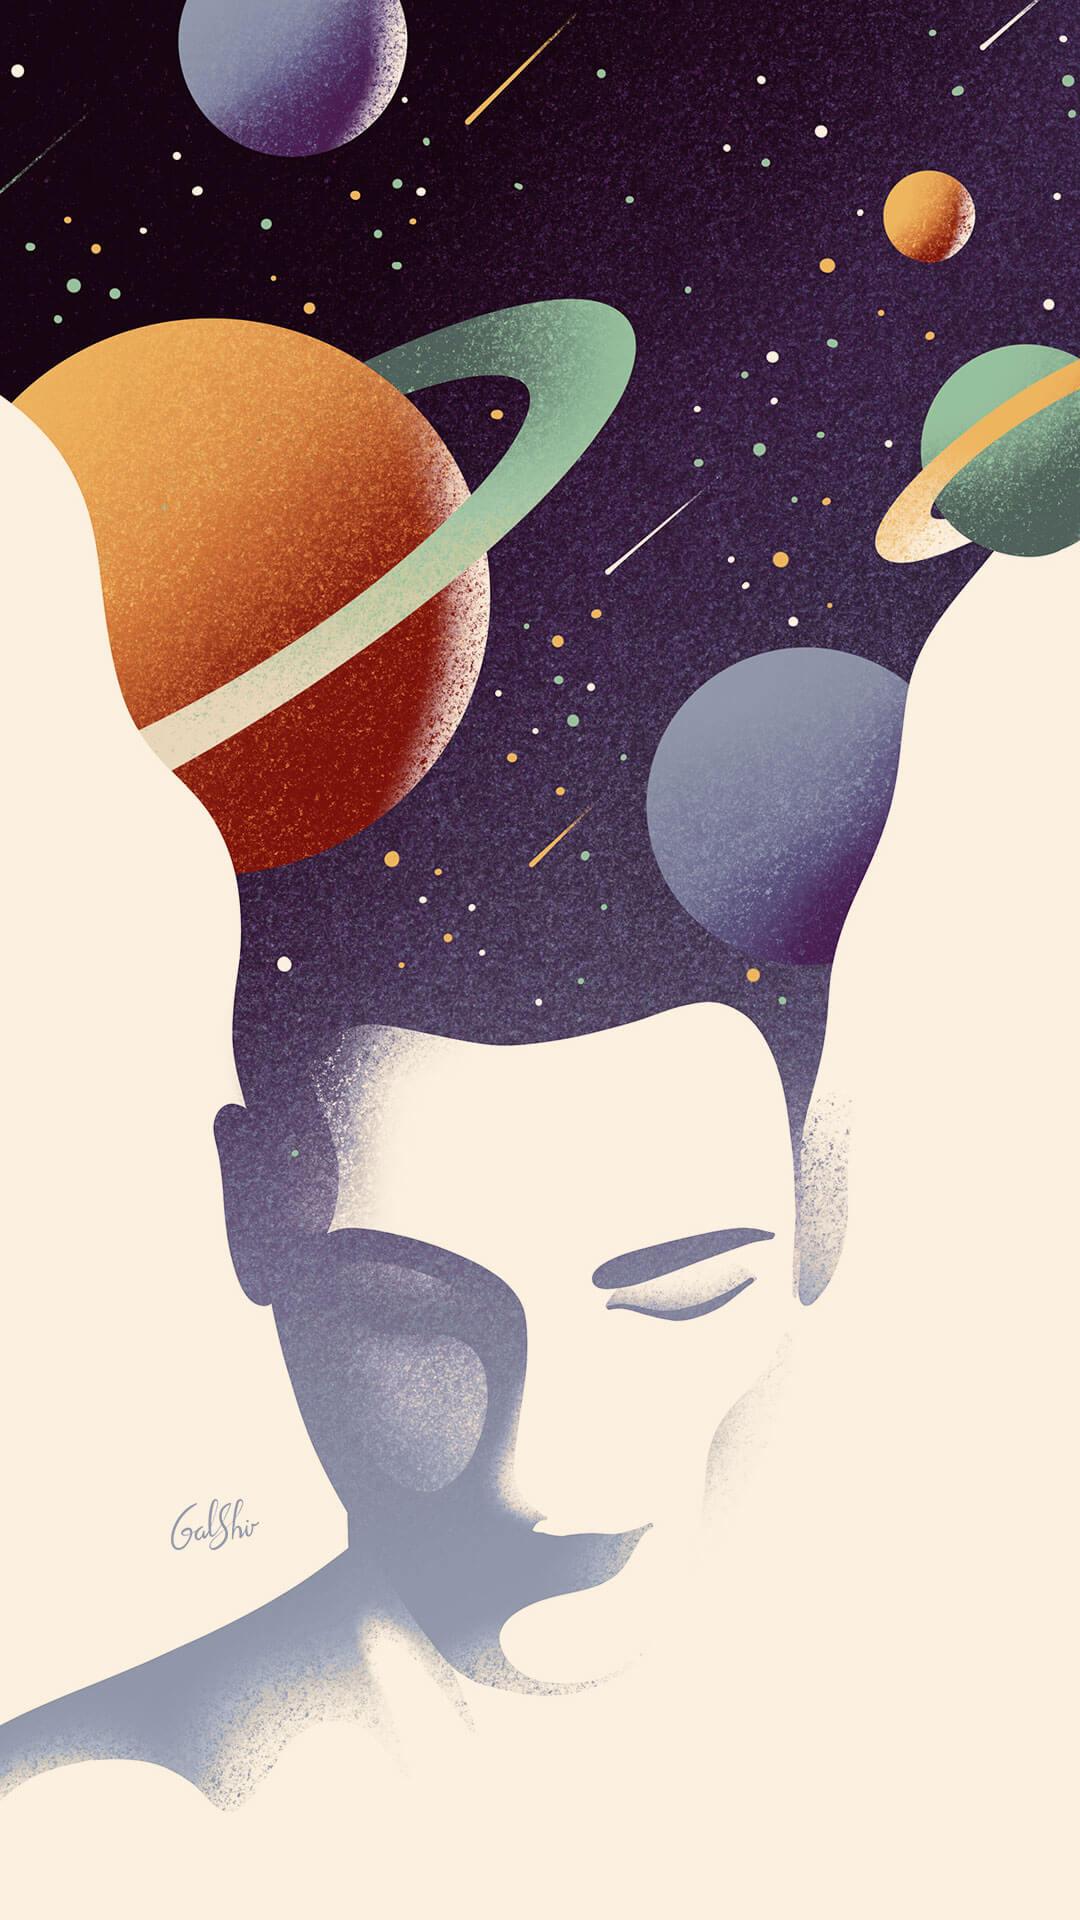 Illustration d'un homme qui rêve dans l'univers